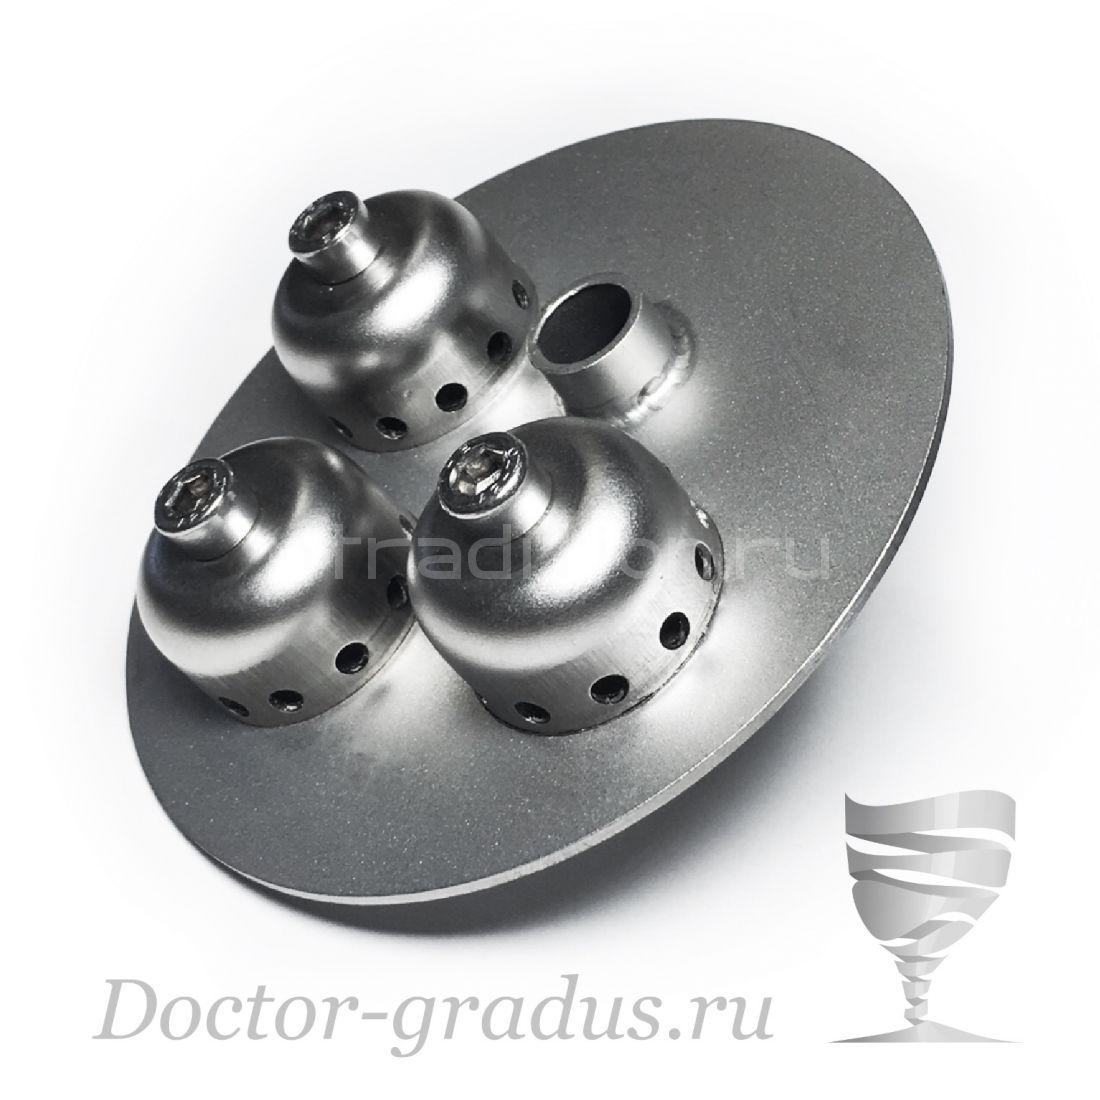 Тарелка нержавеющая колпачковая (Стиллмен-Классик)